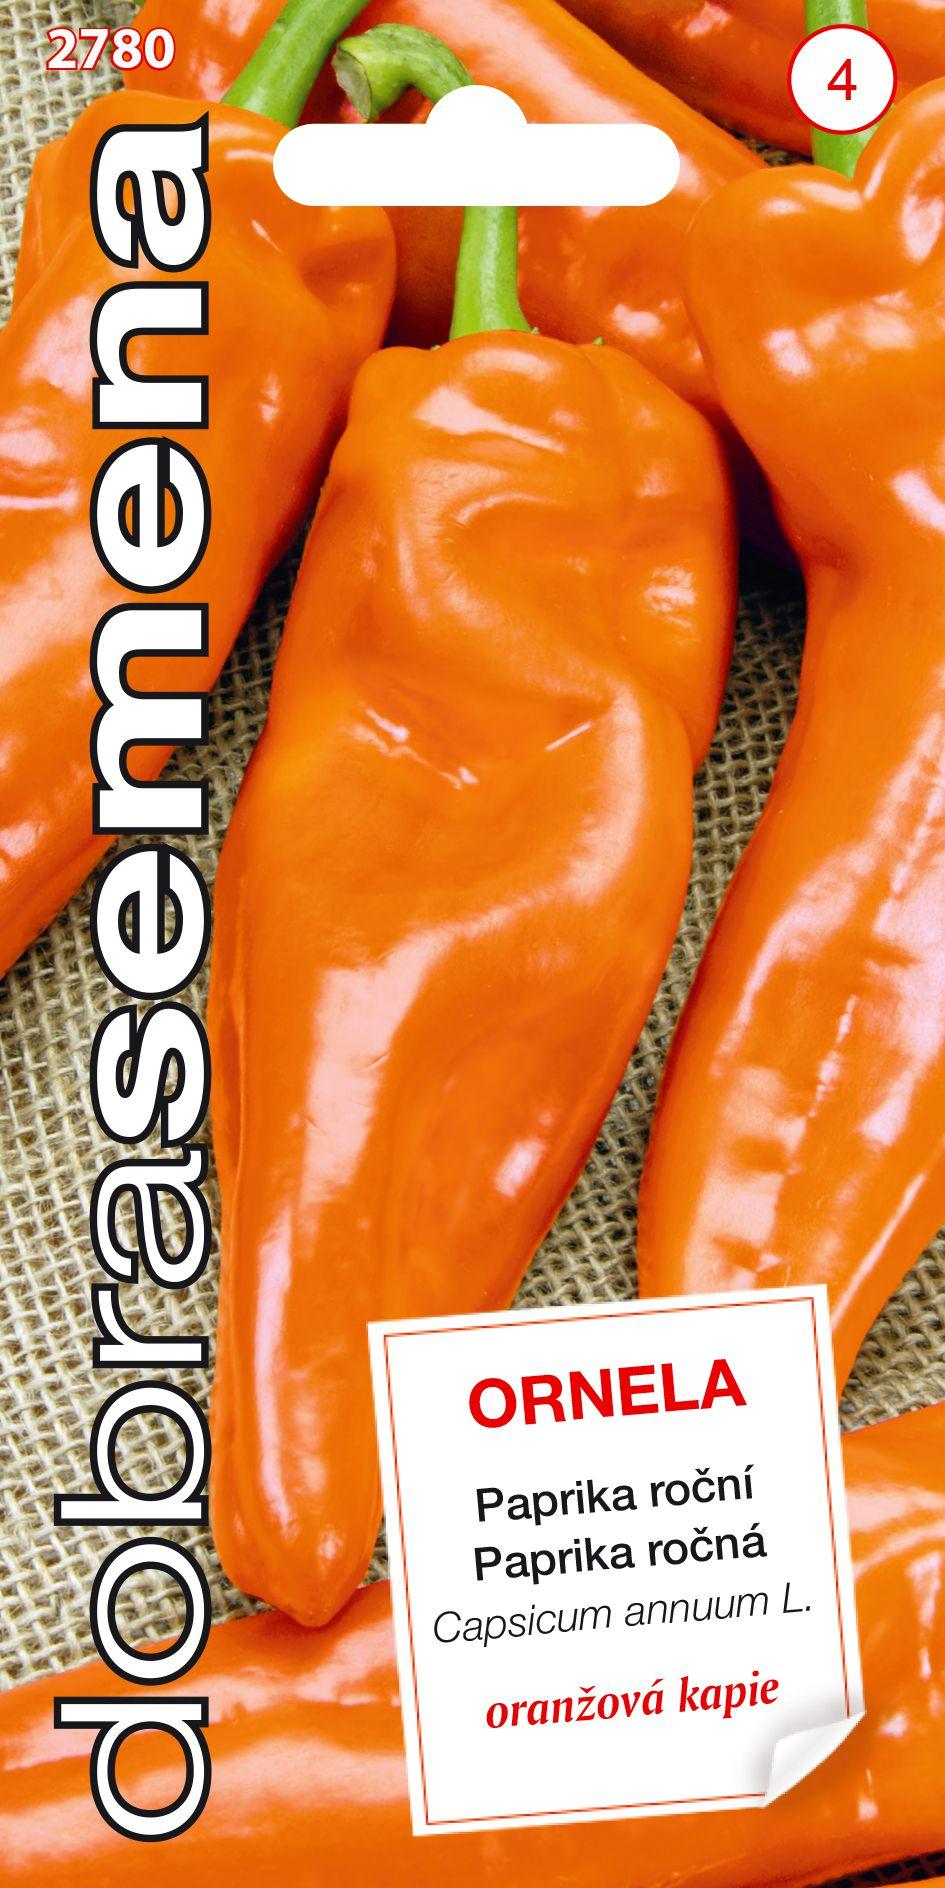 Dobrá semena Paprika zeleninová - Ornela, kapie oranžová 0,5g